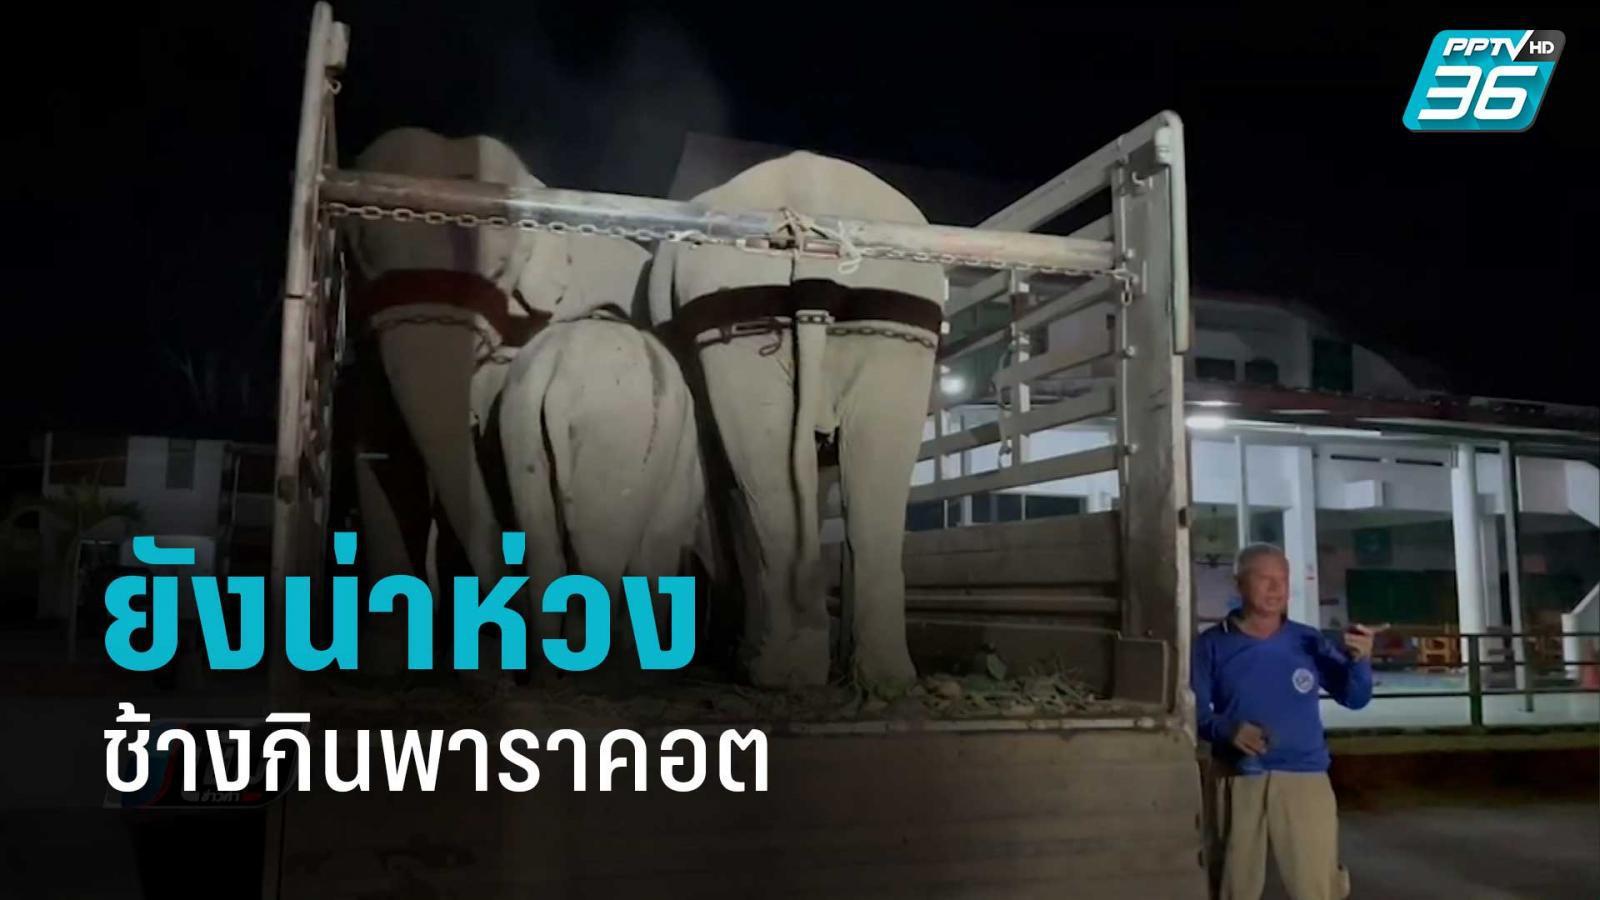 อาการช้างกินพาราคอต ยังน่าห่วง สัตวแพทย์ดูแลใกล้ชิด